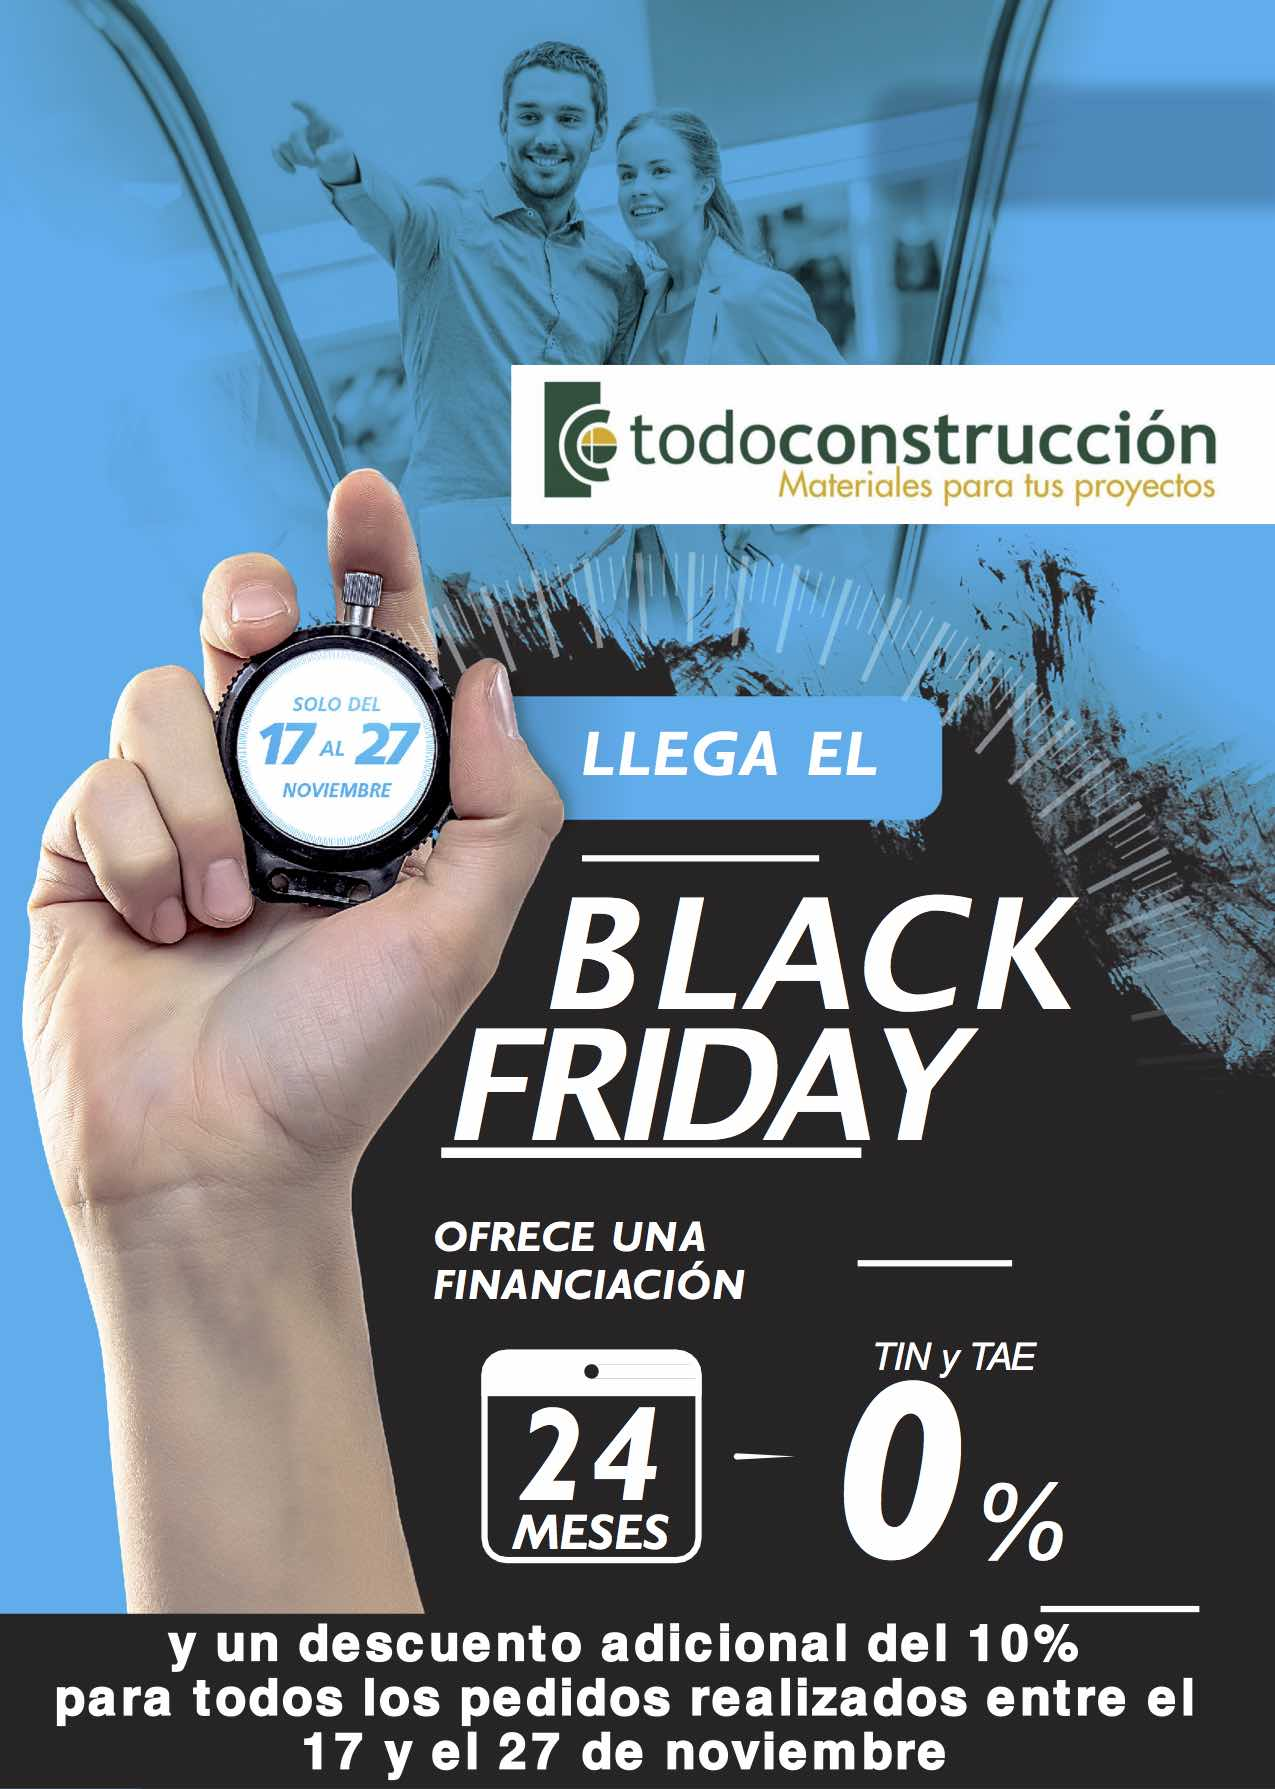 BLACK FRIDAY PROMOCIÓN TODOCONSTRUCCIÓN